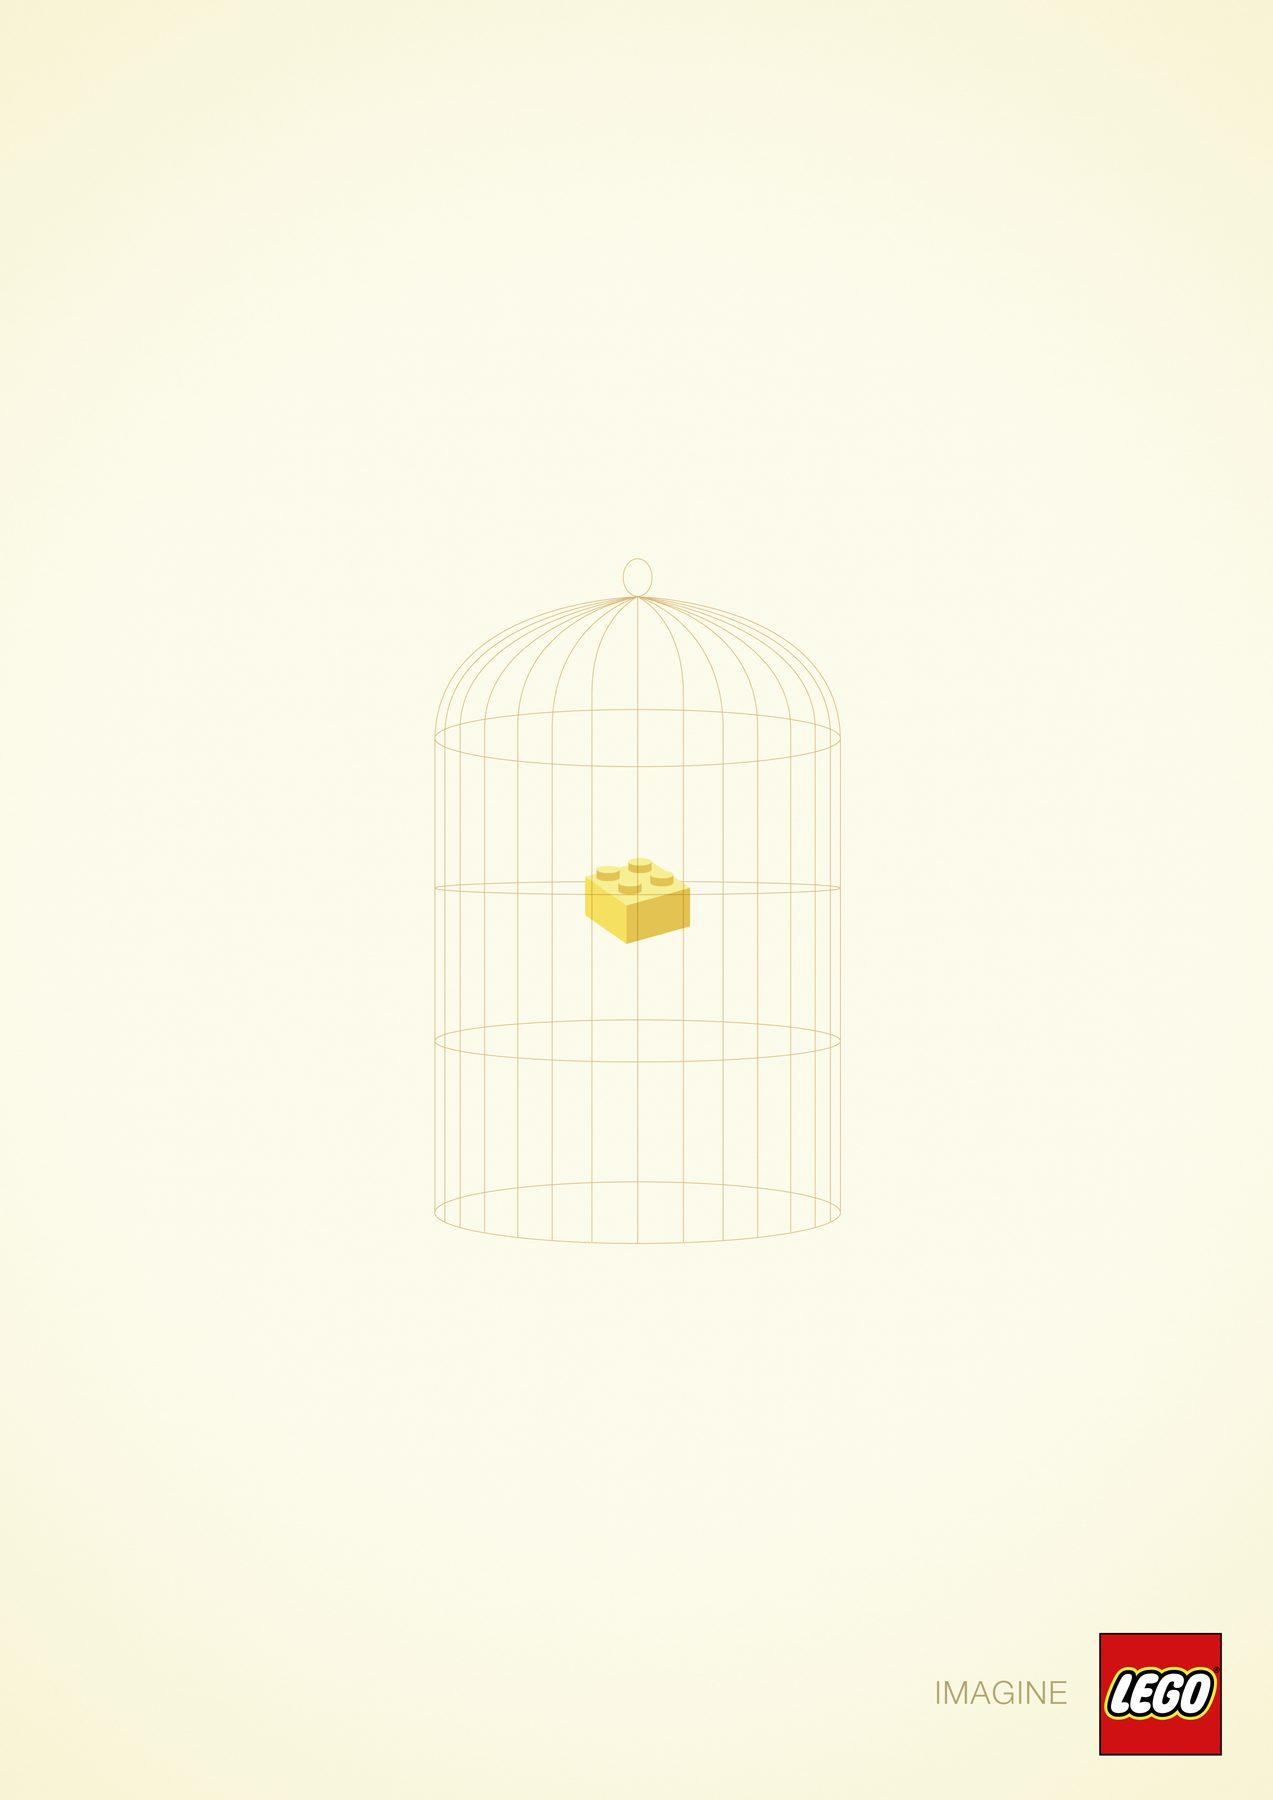 A canary - Lego Imagine